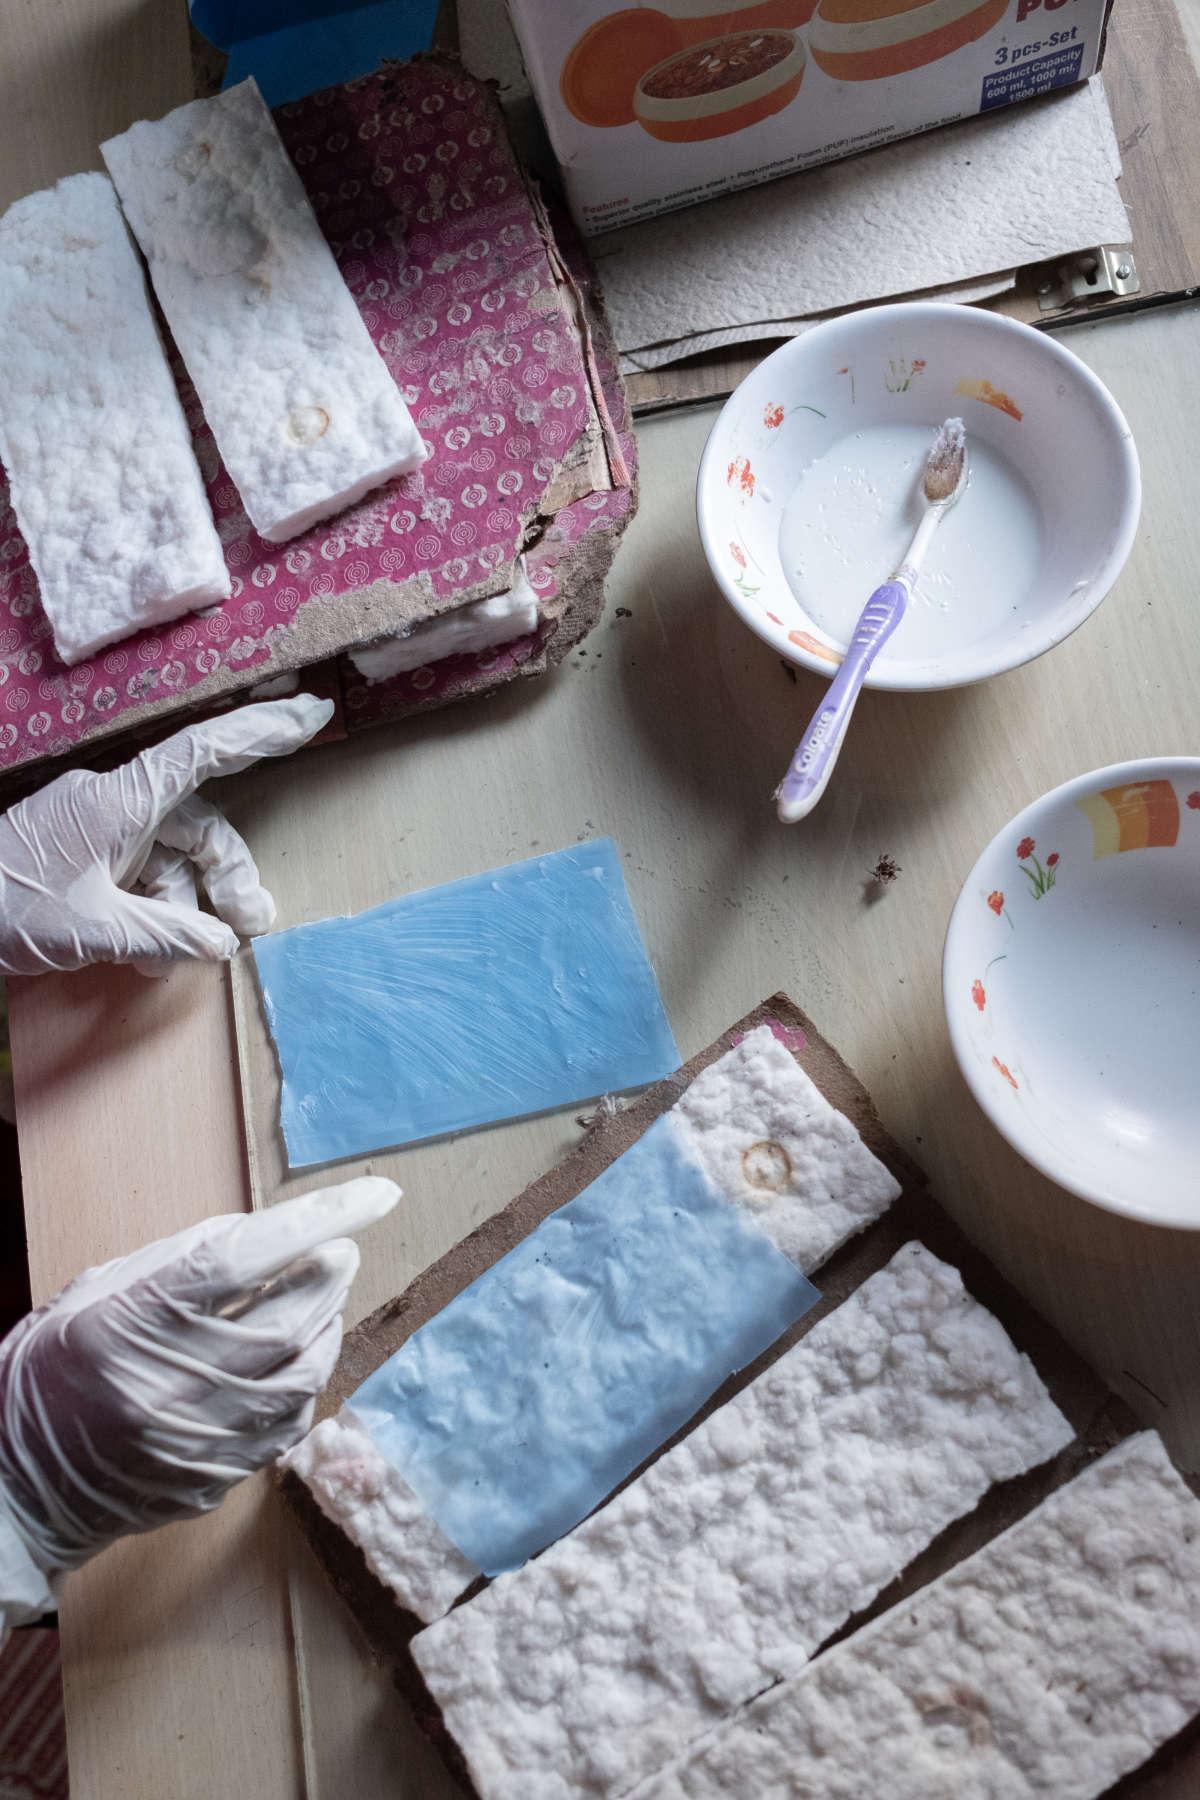 Une femme fabrique une serviette hygiénique durant une démonstration dans l'atelier de Chaya Kakade, le 13 juin.